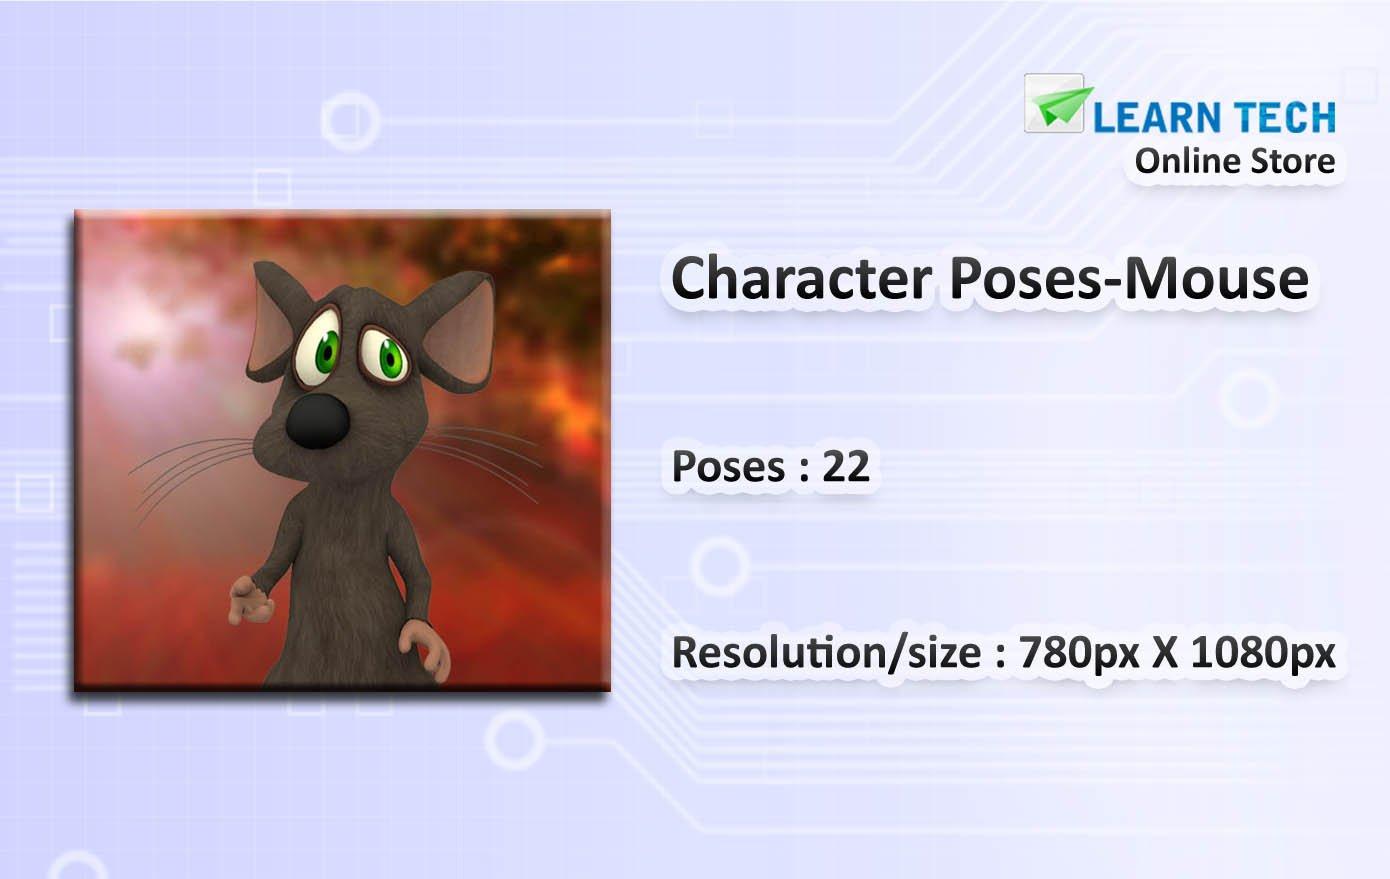 Character Poses for Training decks - E learning Development